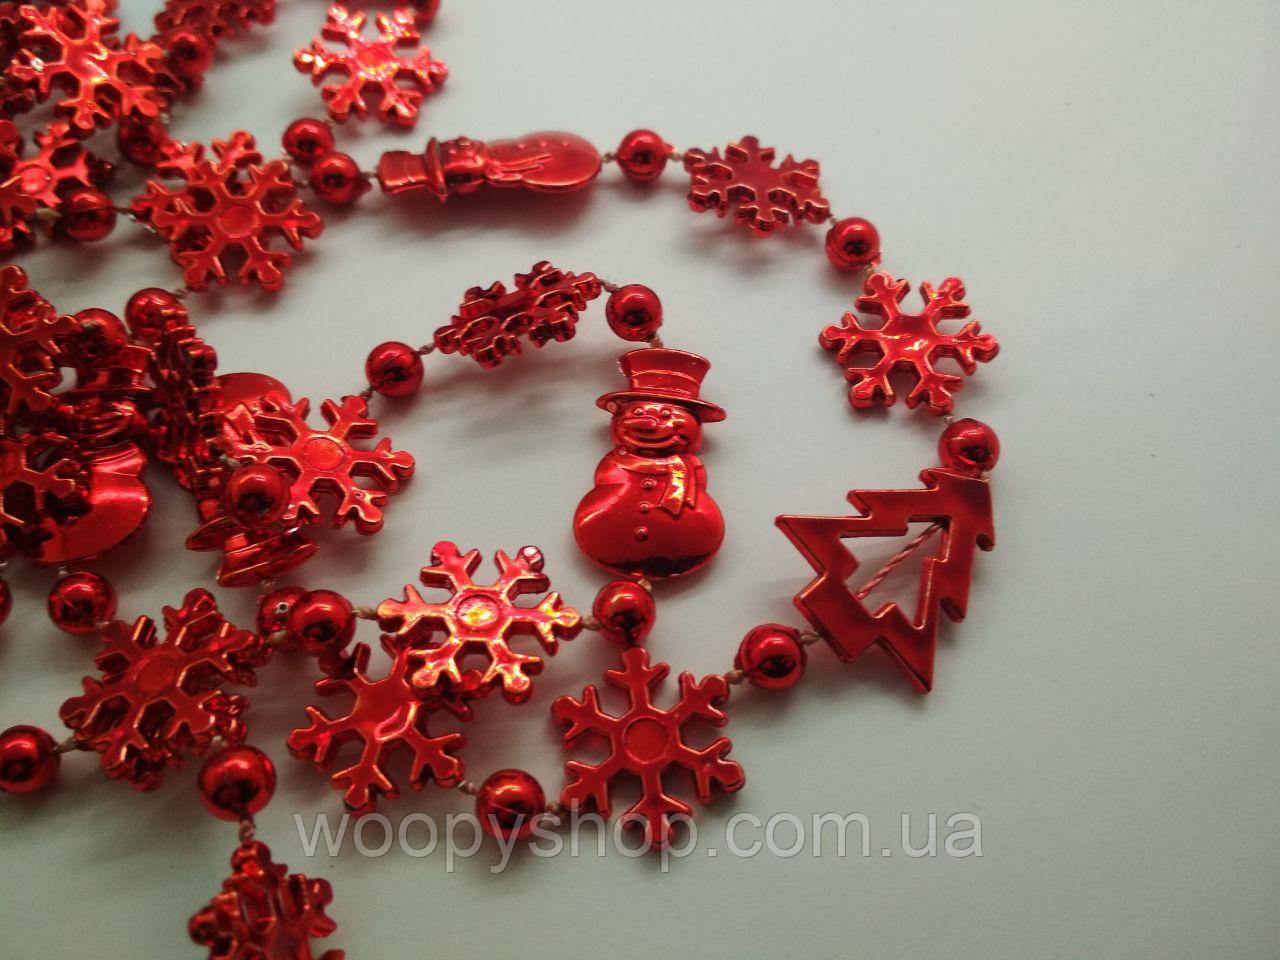 Ожерелье новогоднее для ёлки 3м красное